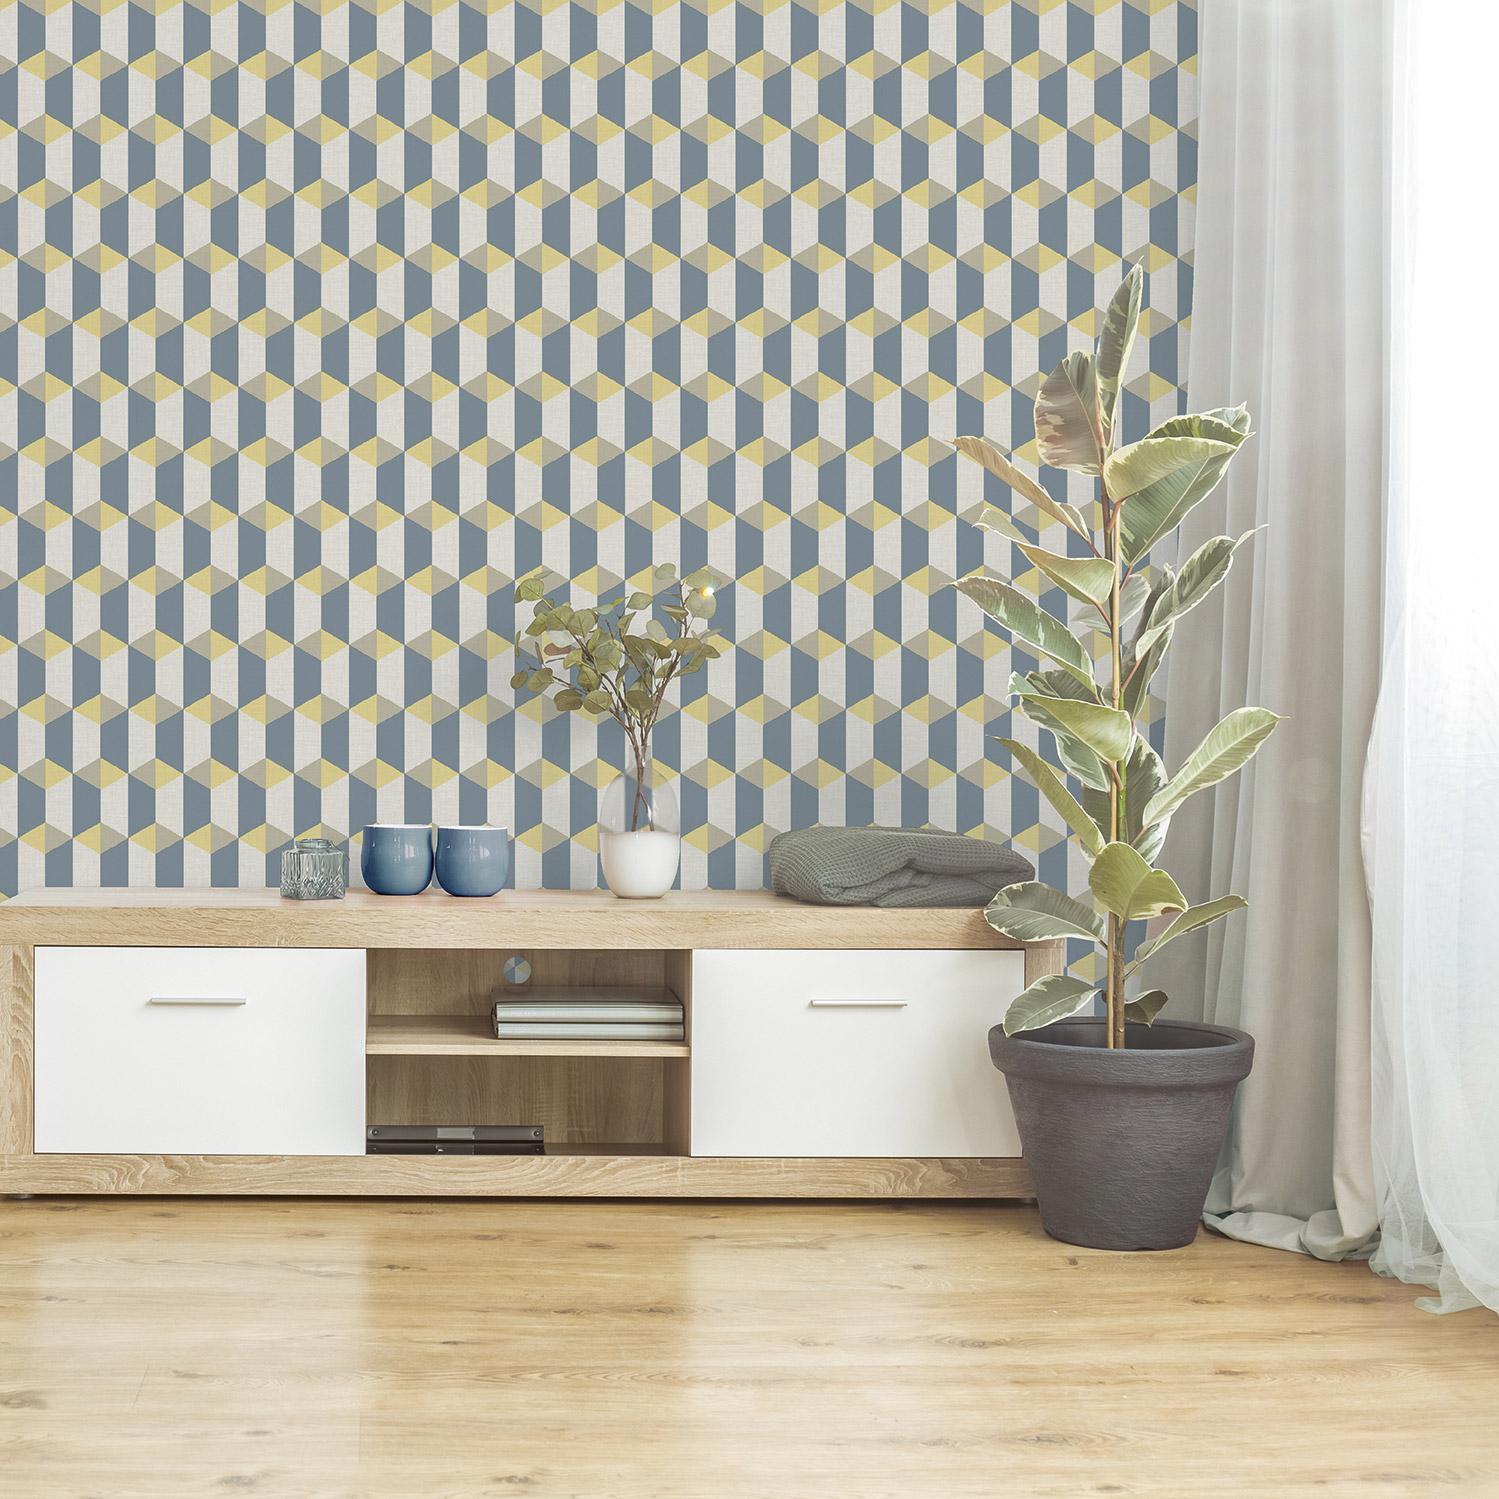 Papier peint vinyle Celia graphique bleu jaune beige